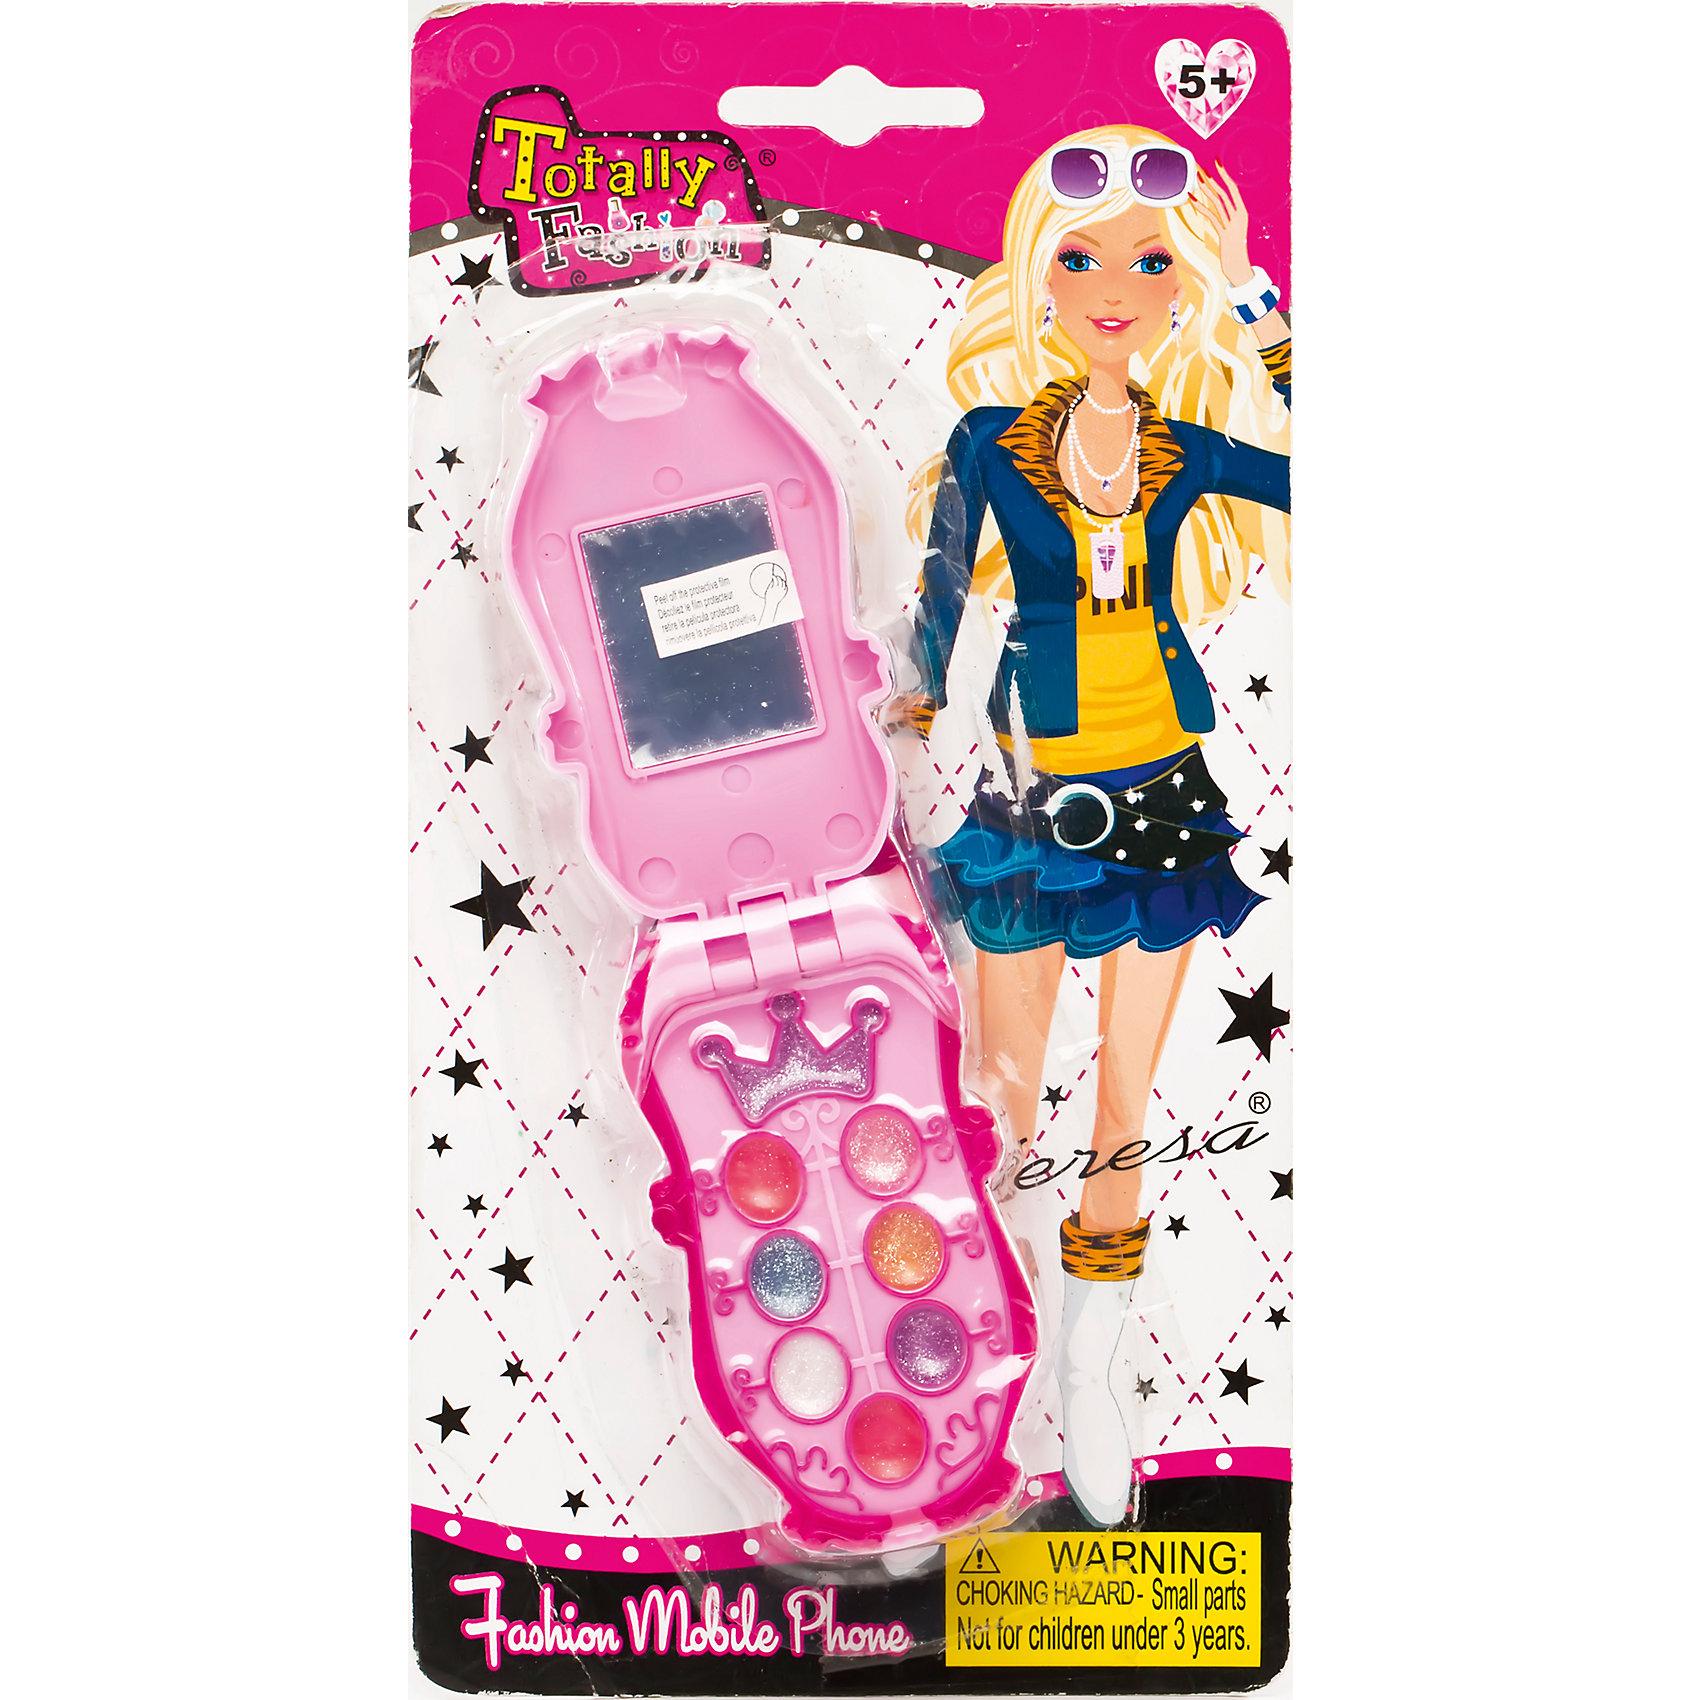 Игровой косметический набор Телефон, Totally FashionХарактеристики:<br><br>• Вид игрушек: детская косметика<br>• Пол: для девочки<br>• Материал: пластик, натуральные компоненты и красители<br>• Цвет: оттенки розового, голубой, бежевый и др.<br>• Форма футляра: телефон<br>• Комплектация: <br> блеск для губ – 6 тонов <br> тени для век – 4 тона<br> аппликатор – 1 шт.     <br> кисточка – 1 шт.<br>• Размер упаковки(Д*Ш*В): 12*3,5*23 см<br>• Вес: 62 г<br>• Упаковка: блистер на картонной подложке<br>• Допускается сухая и влажная чистка футляра снаружи<br><br>Игровой косметический набор Телефон, Totally Fashion – это набор от мирового лидера в производстве натуральной и безопасной косметики как для взрослых, так и для детей. Линейка наборов Totally Fashion представляет собой яркие, безопасные и оригинальные косметические наборы для девочек. Используемые в производстве ингредиенты и материалы имеют международные сертификаты безопасности. Декоративные тени и блеск легко смываются теплой водой, не оставляют пятен на одежде и не вызывают раздражение. <br><br>В палитре оттенков имеются самые модные цвета, в комплекте предусмотрен аппликатор с кисточкой, который позволит легко и аккуратно сделать макияж. Косметический набор выполнен в оригинальном виде: телефон-раскладушка, на месте экрана которого предусмотрено зеркальце. <br>Игровой косметический набор Телефон, Totally Fashion станет идеальным подарком для девочки к любому празднику.<br><br>Игровой косметический набор Телефон, Totally Fashion можно купить в нашем интернет-магазине.<br><br>Ширина мм: 120<br>Глубина мм: 35<br>Высота мм: 230<br>Вес г: 62<br>Возраст от месяцев: 60<br>Возраст до месяцев: 120<br>Пол: Женский<br>Возраст: Детский<br>SKU: 5418935